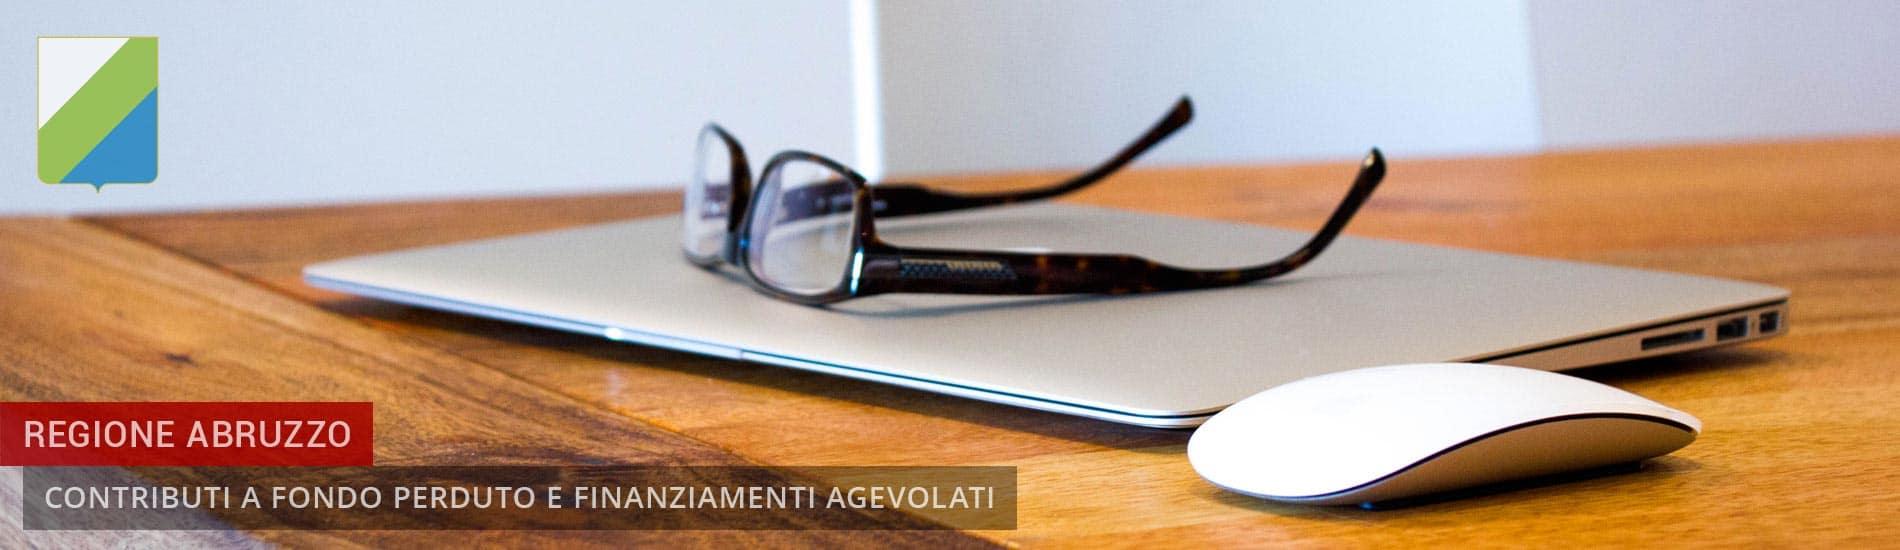 Regione Abruzzo: Bandi Contributi a fondo perduto e Finanziamenti agevolati